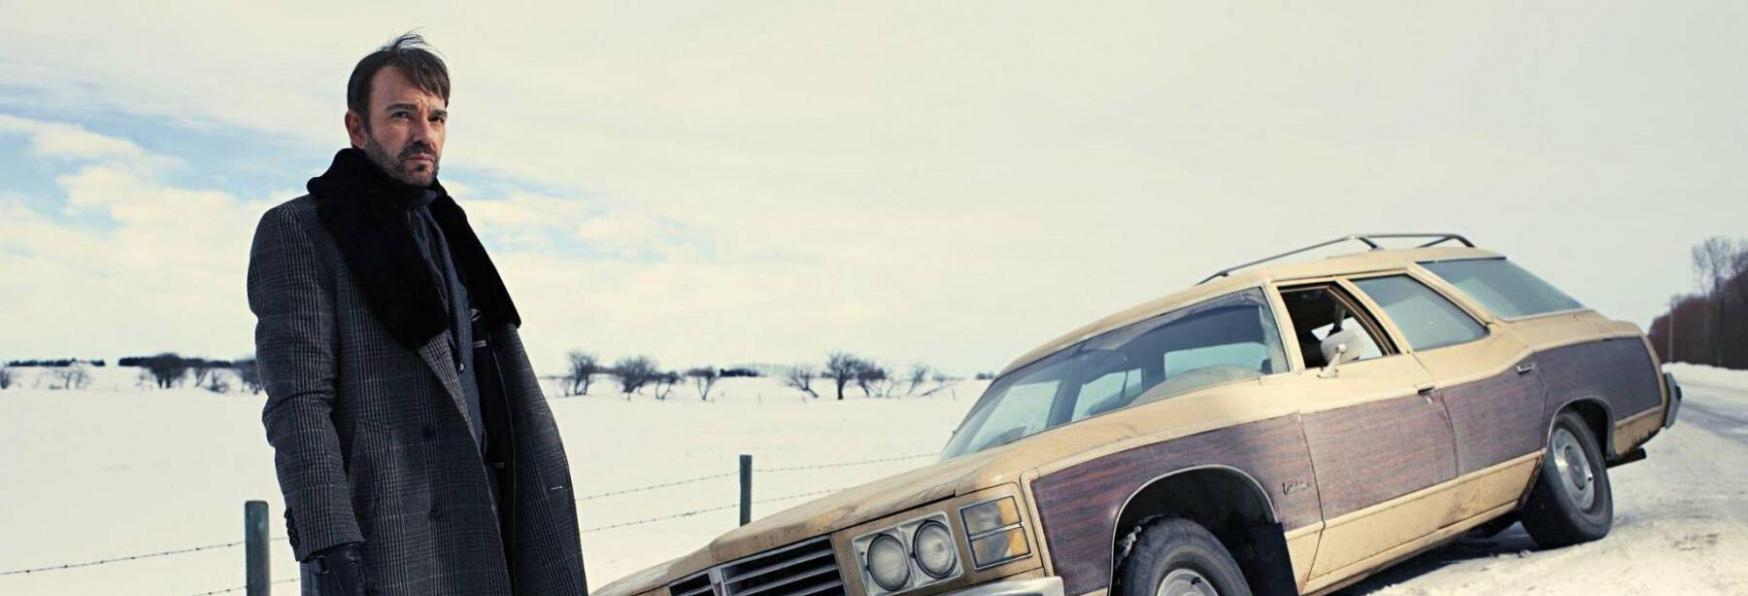 Fargo 5: la Prossima Stagione potrebbe essere l'Ultima. Le parole dello Showrunner